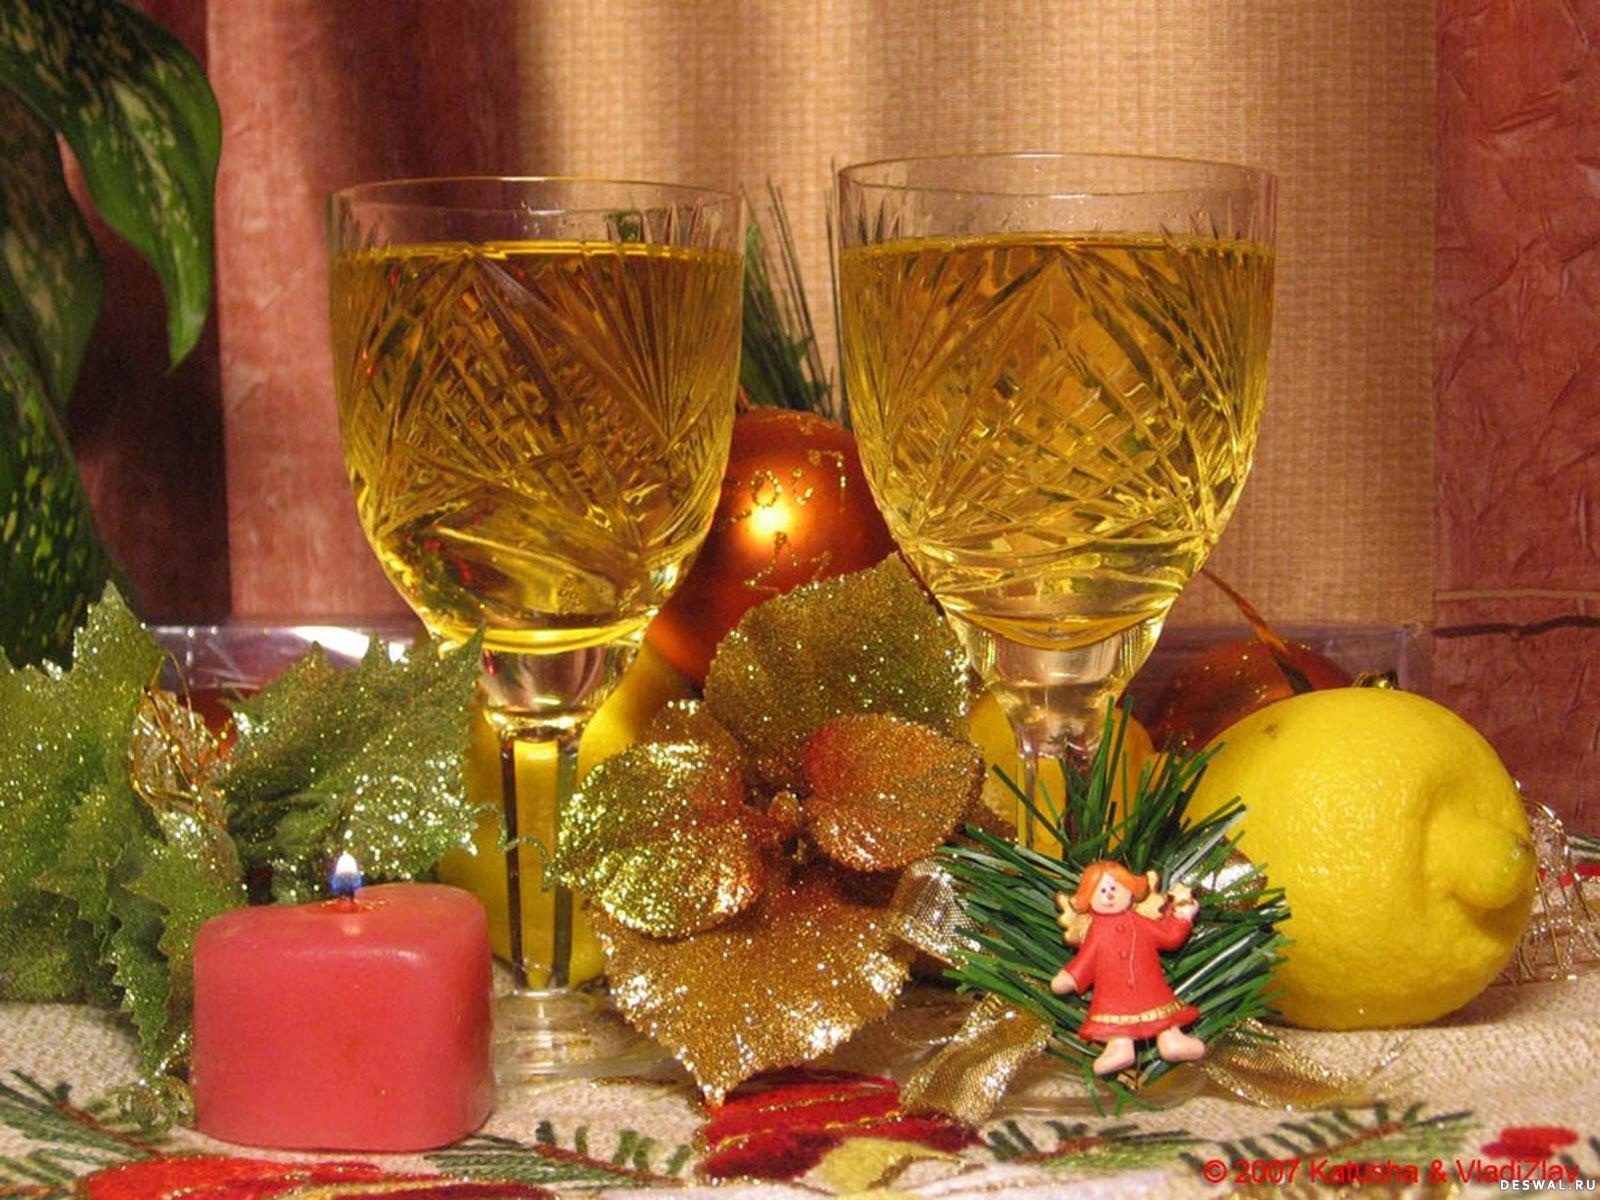 Поздравление открытием, новогоднее застолье открытка